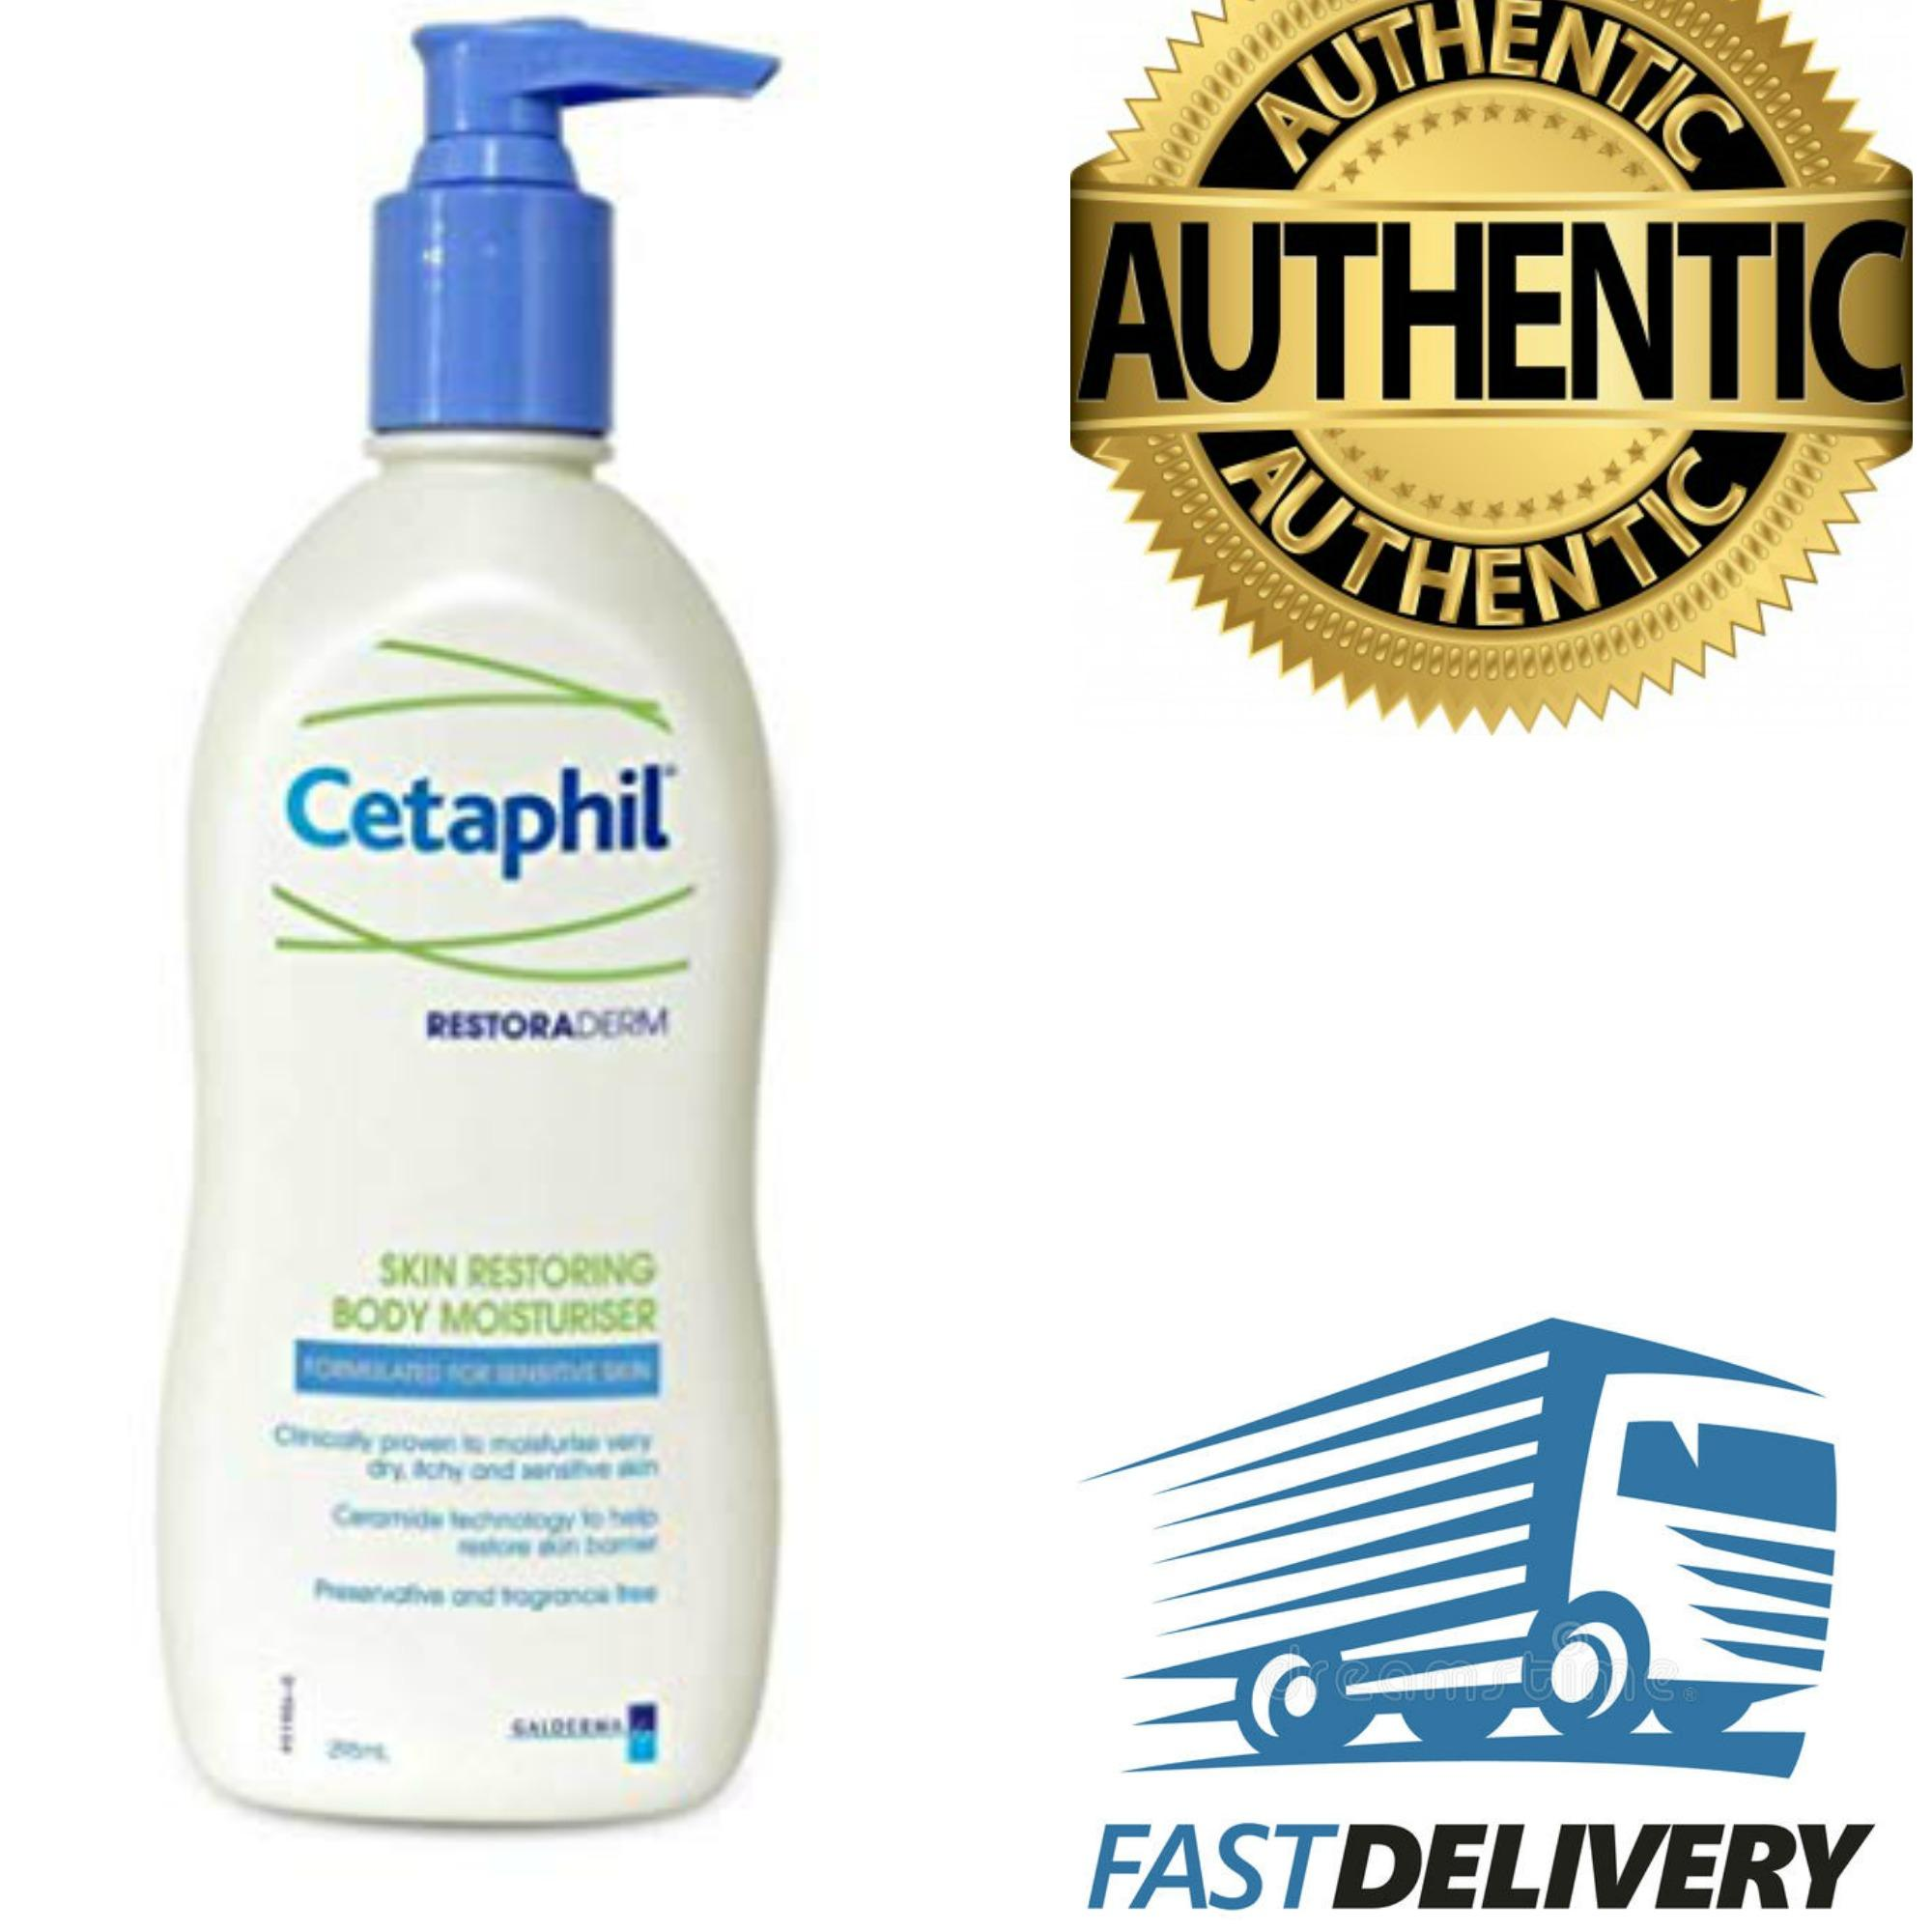 Cetaphil Philippines Bath And Body For Sale Prices Restoraderm Wash 295ml Skin Restoring Moisturizer